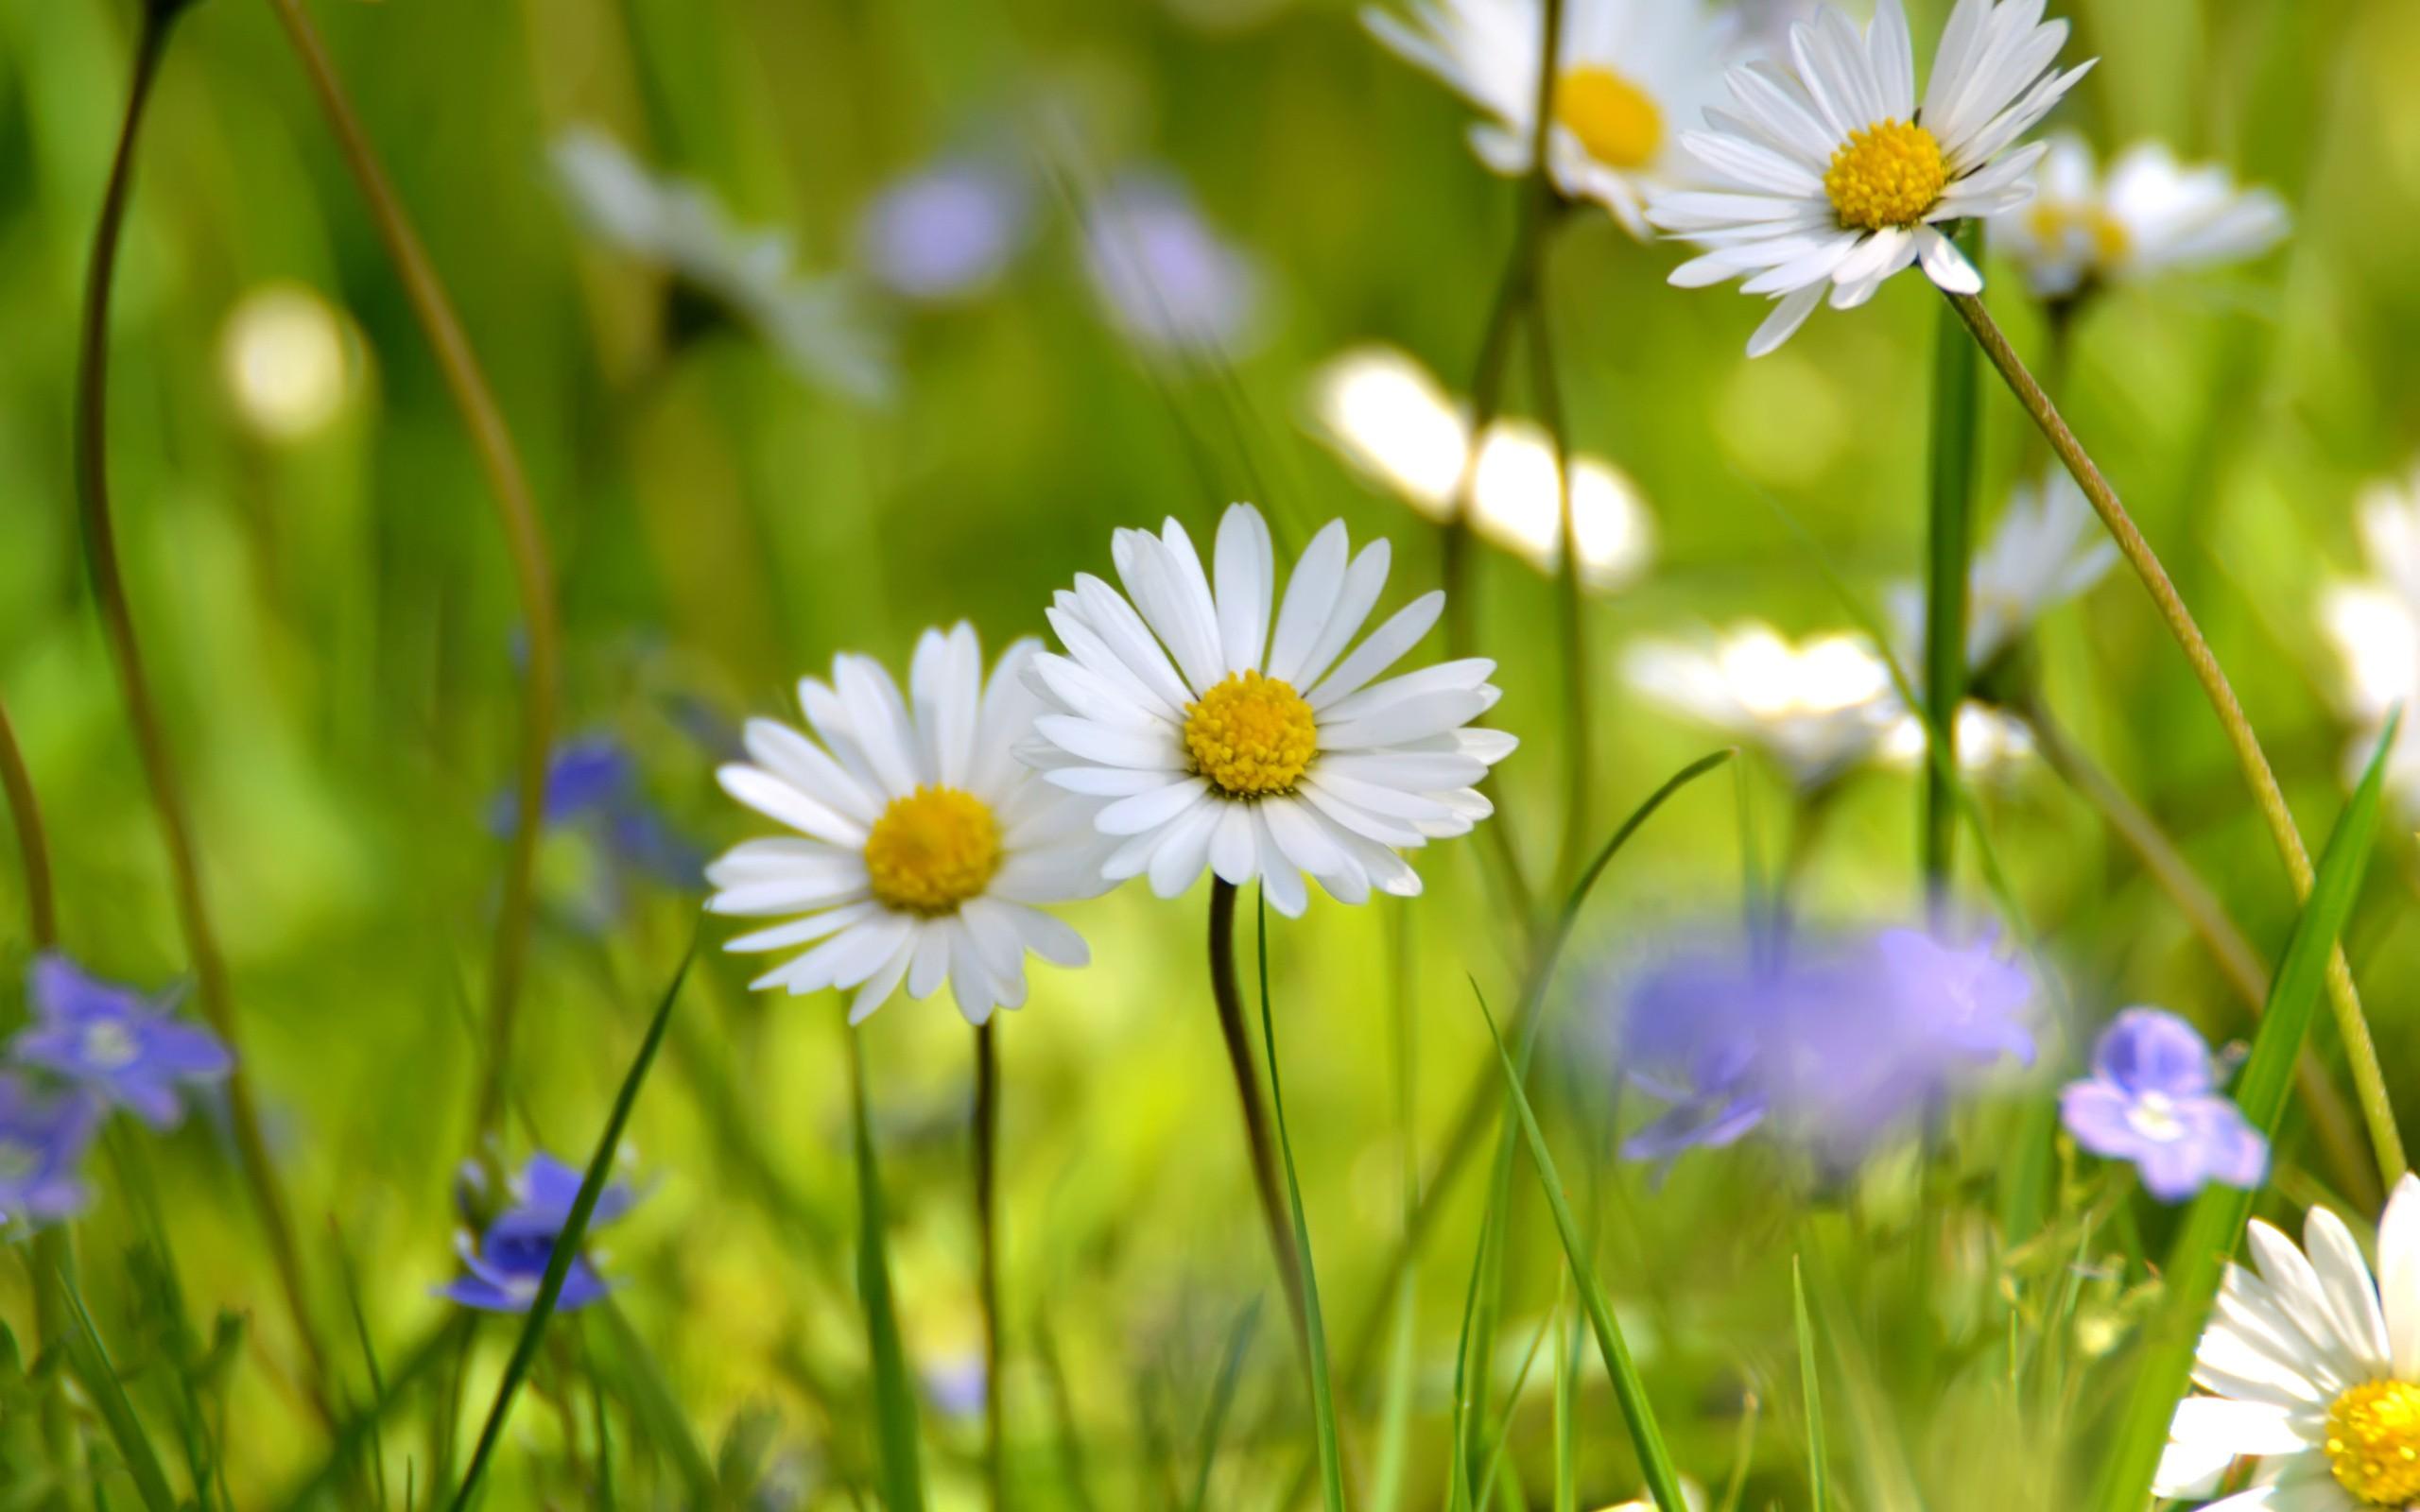 Flores margaritas - 2560x1600